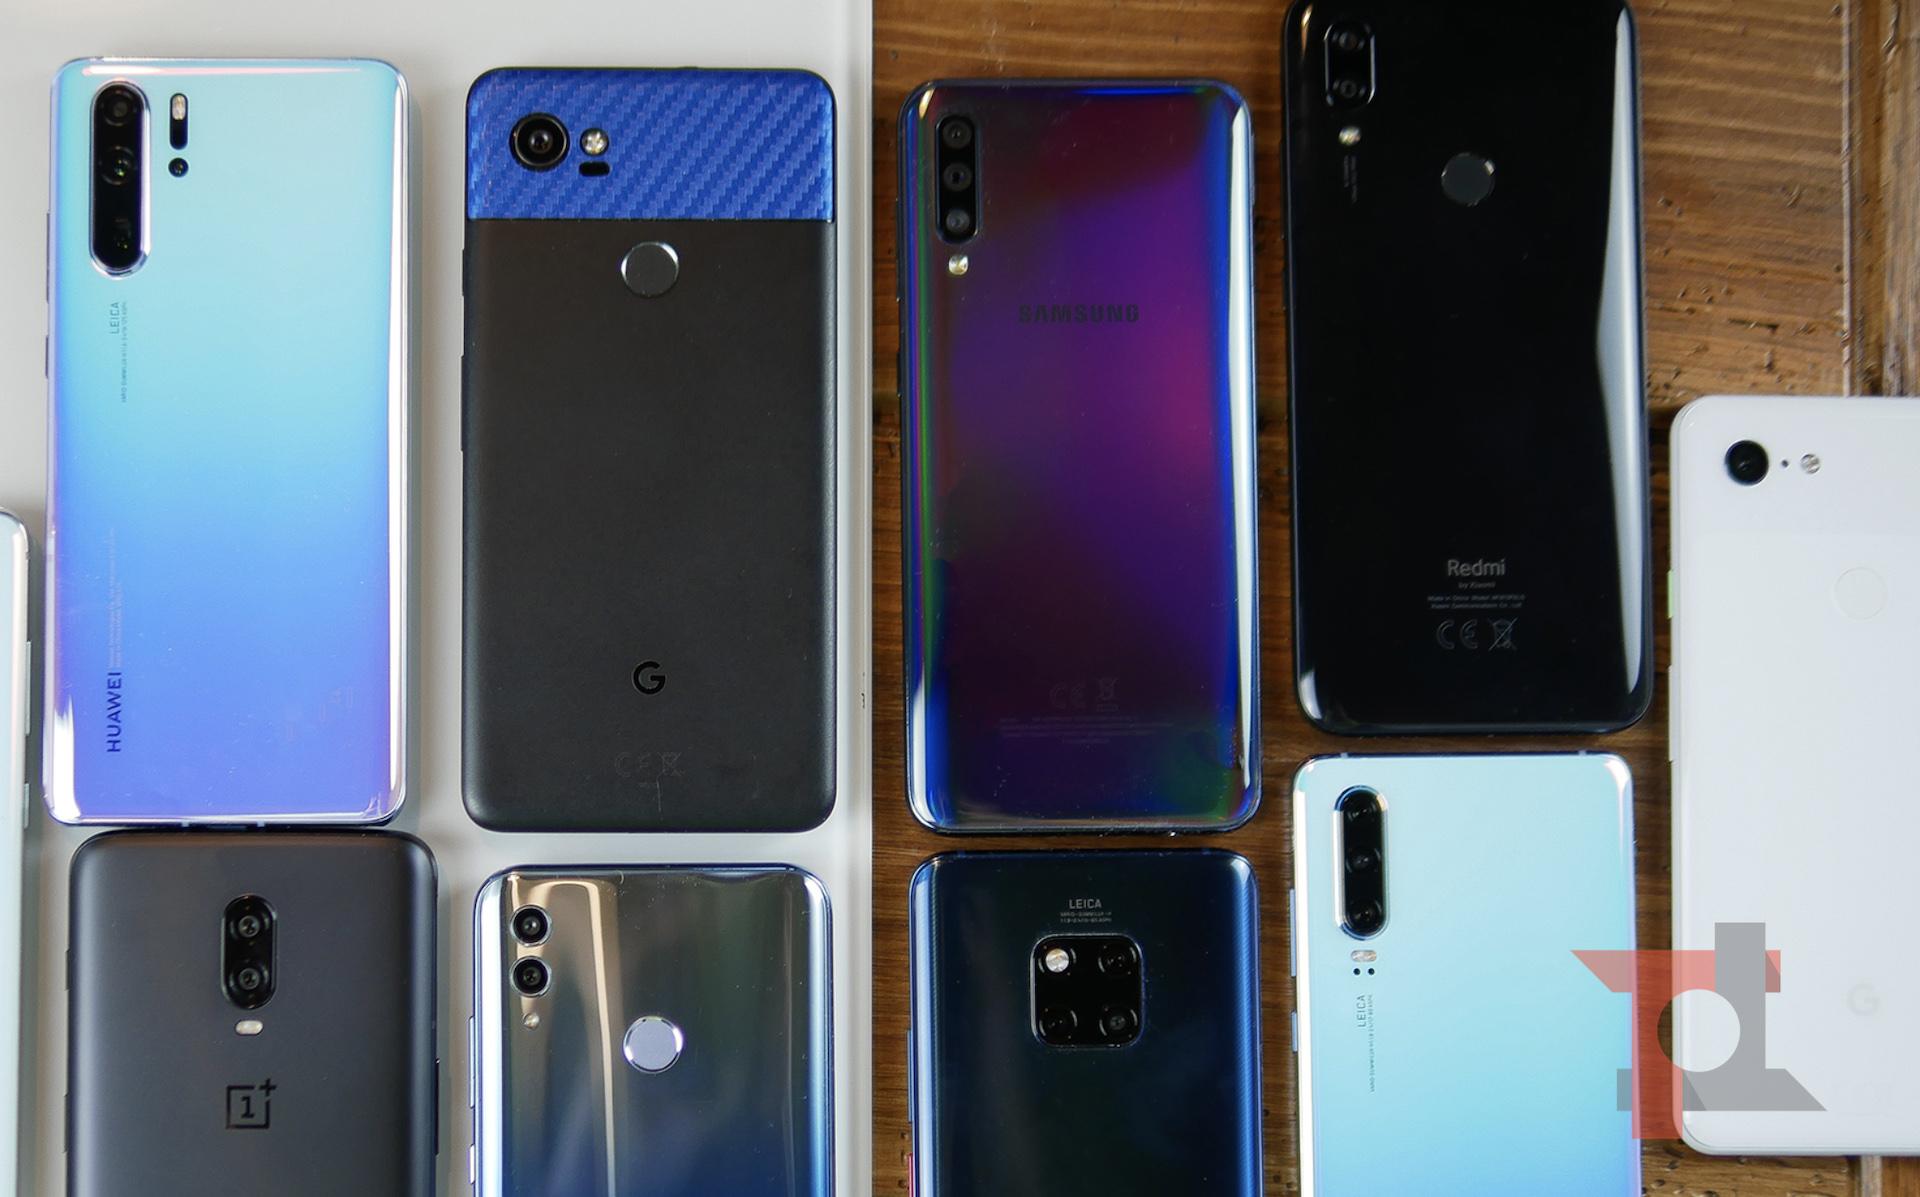 Miglior Smartphone Classifica Dicembre 2019 Tuttotechnet